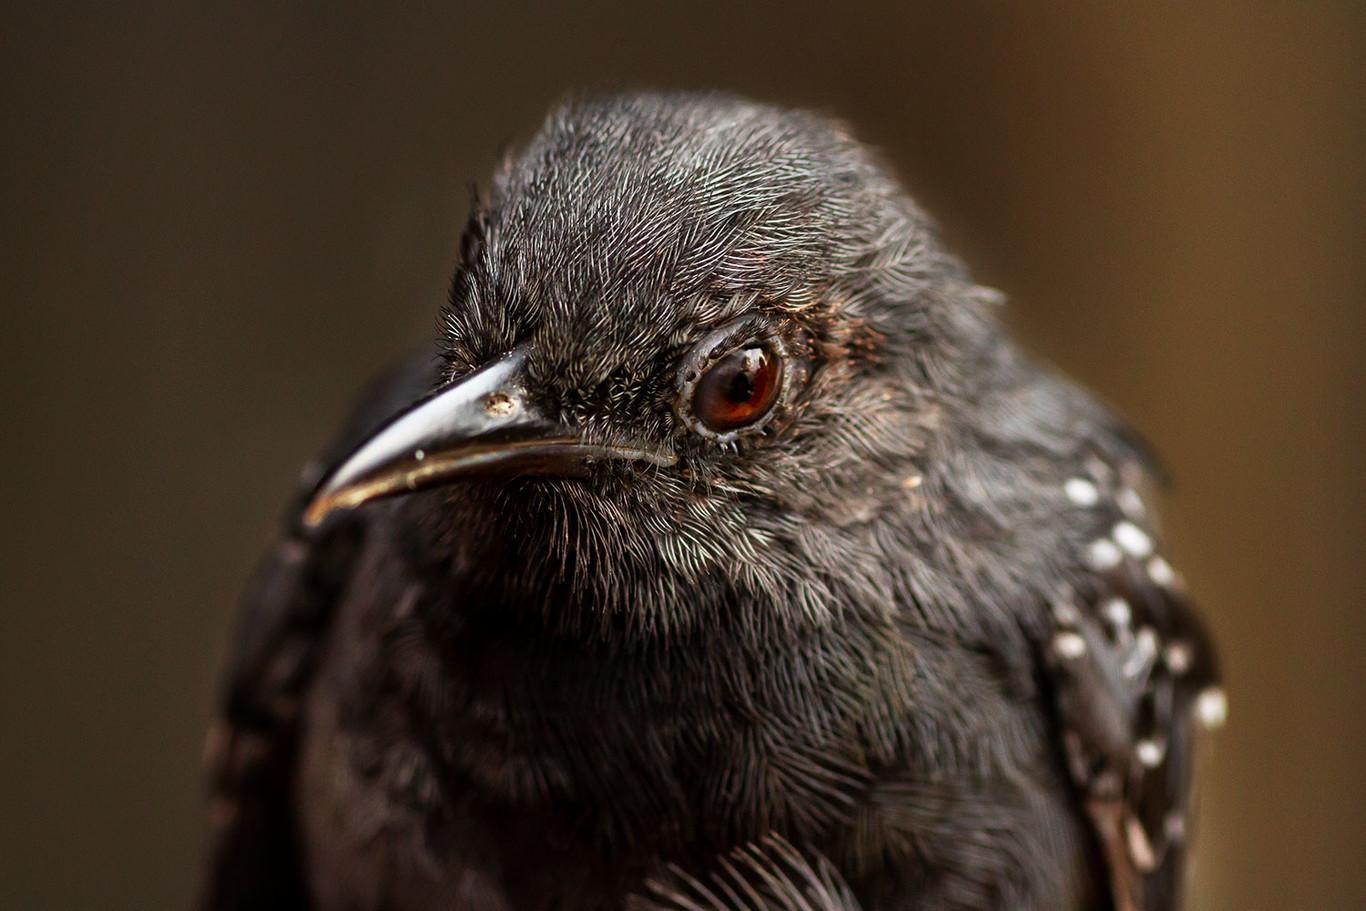 Explorando estilos fotográficos: la fotografía de aves como método para aprender disciplina y planificación